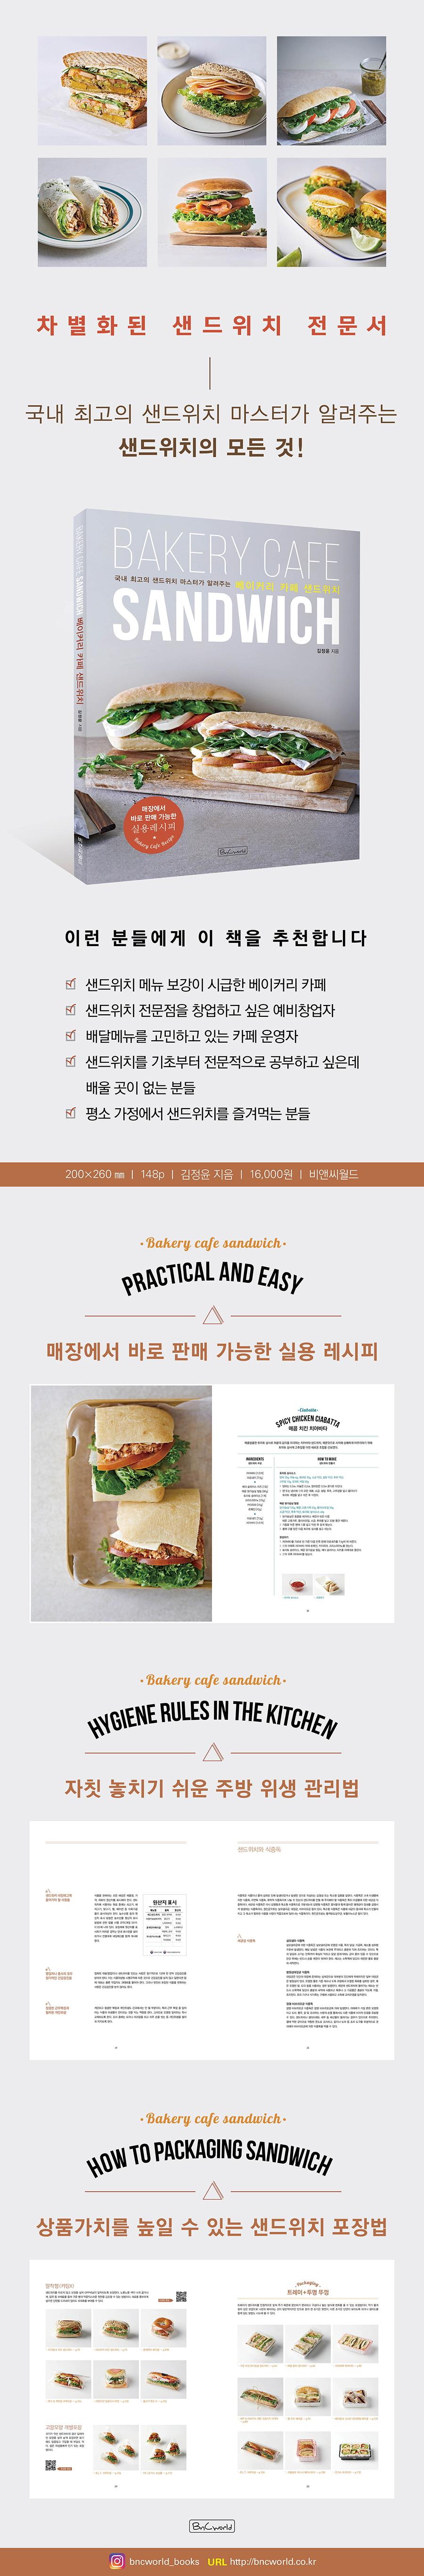 베이커리 카페 샌드위치 도서 상세이미지